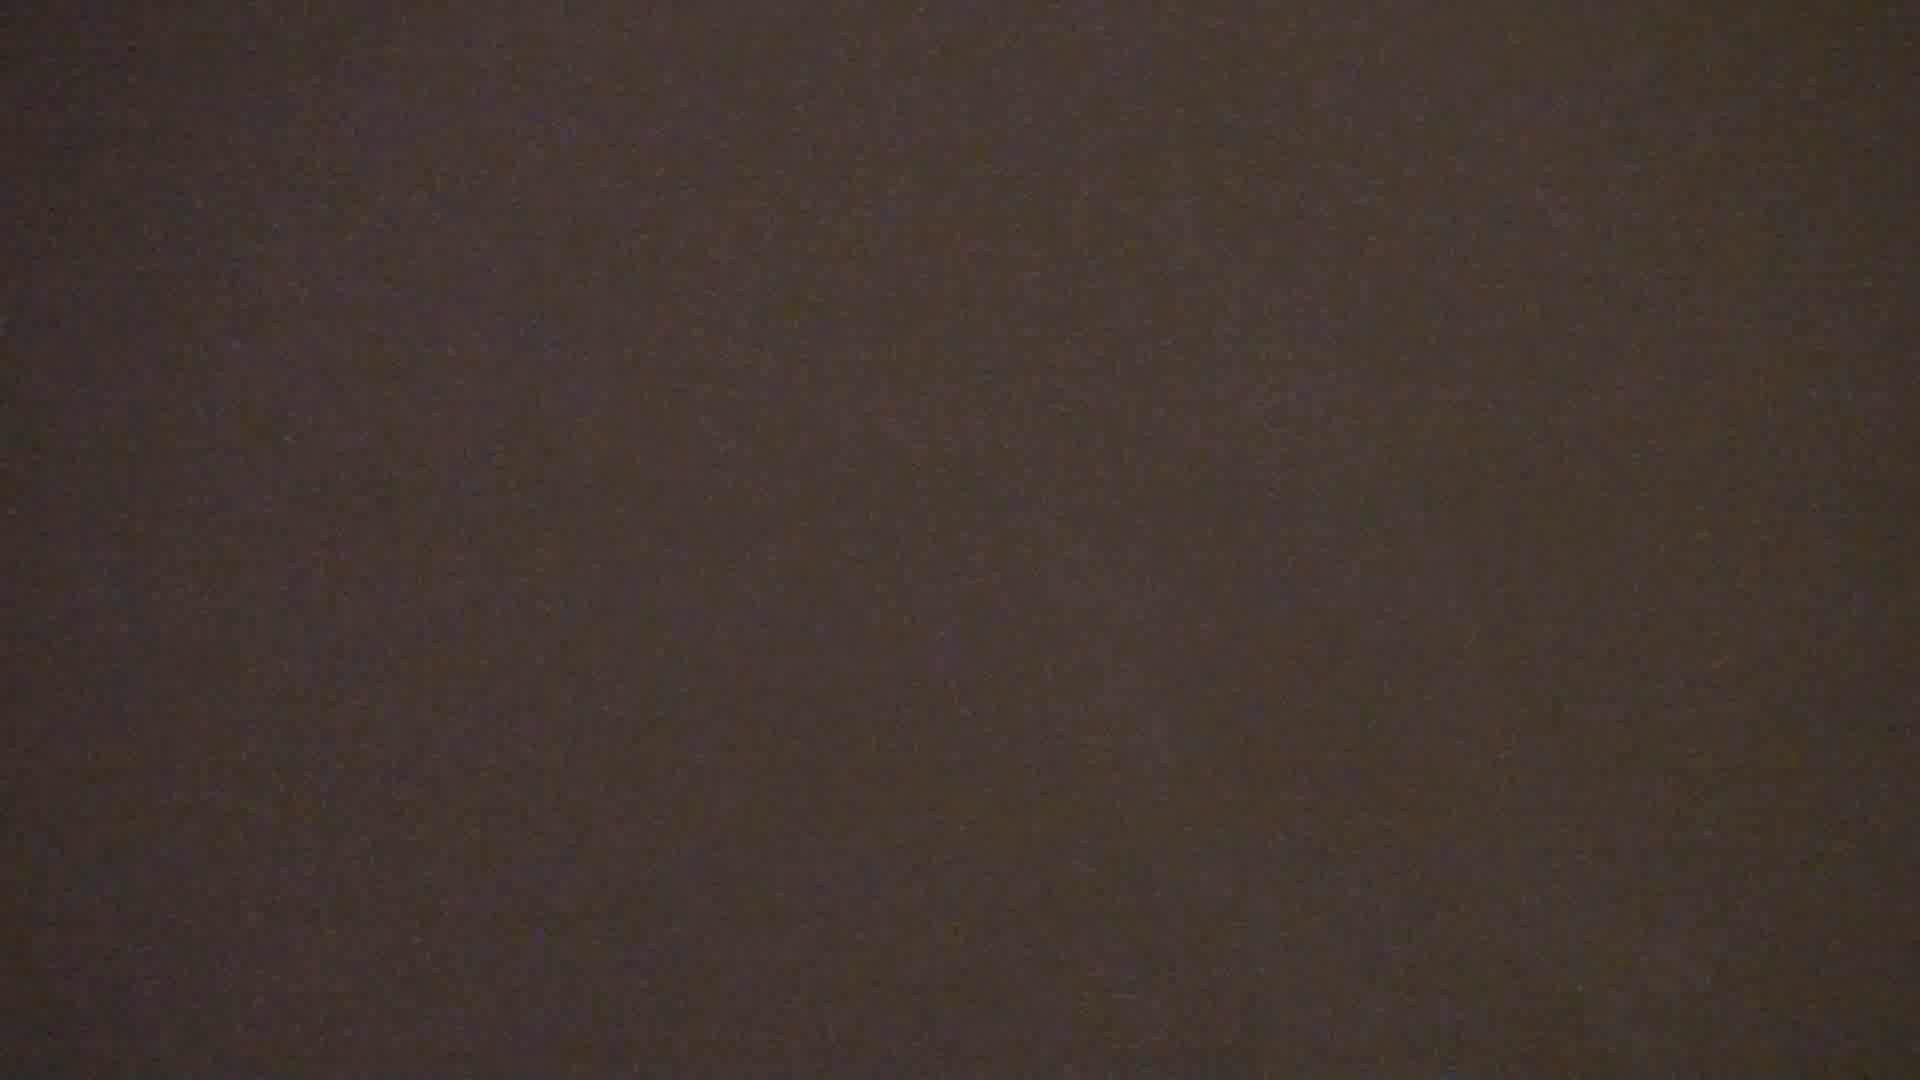 洗面所内潜入!同級生が同級生を盗撮! vol.04 潜入   盗撮  33画像 19